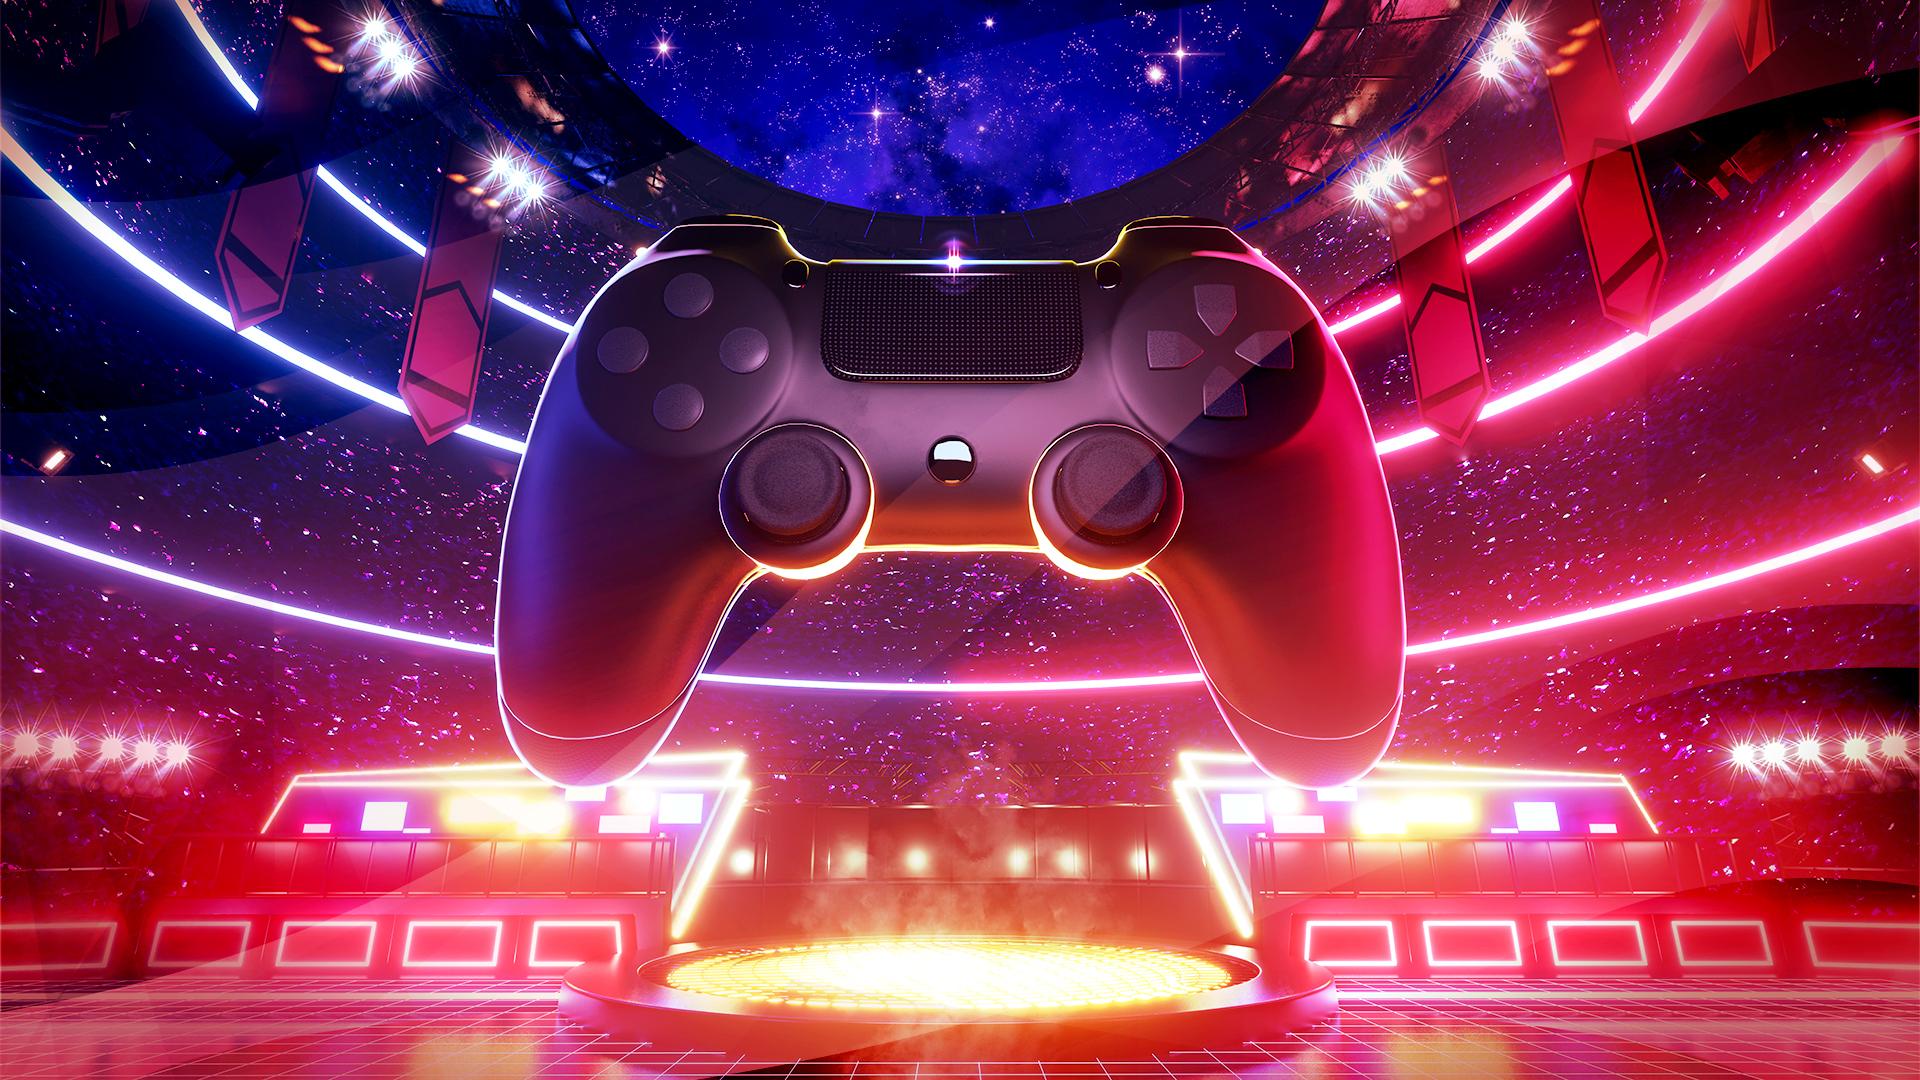 Gaming, Spiele, Games, Controller, Spieler, Gamer, E-Sports, E-Sport, Profi-Gamer, E-Sport-Tunier, Gaming Controller, Arena